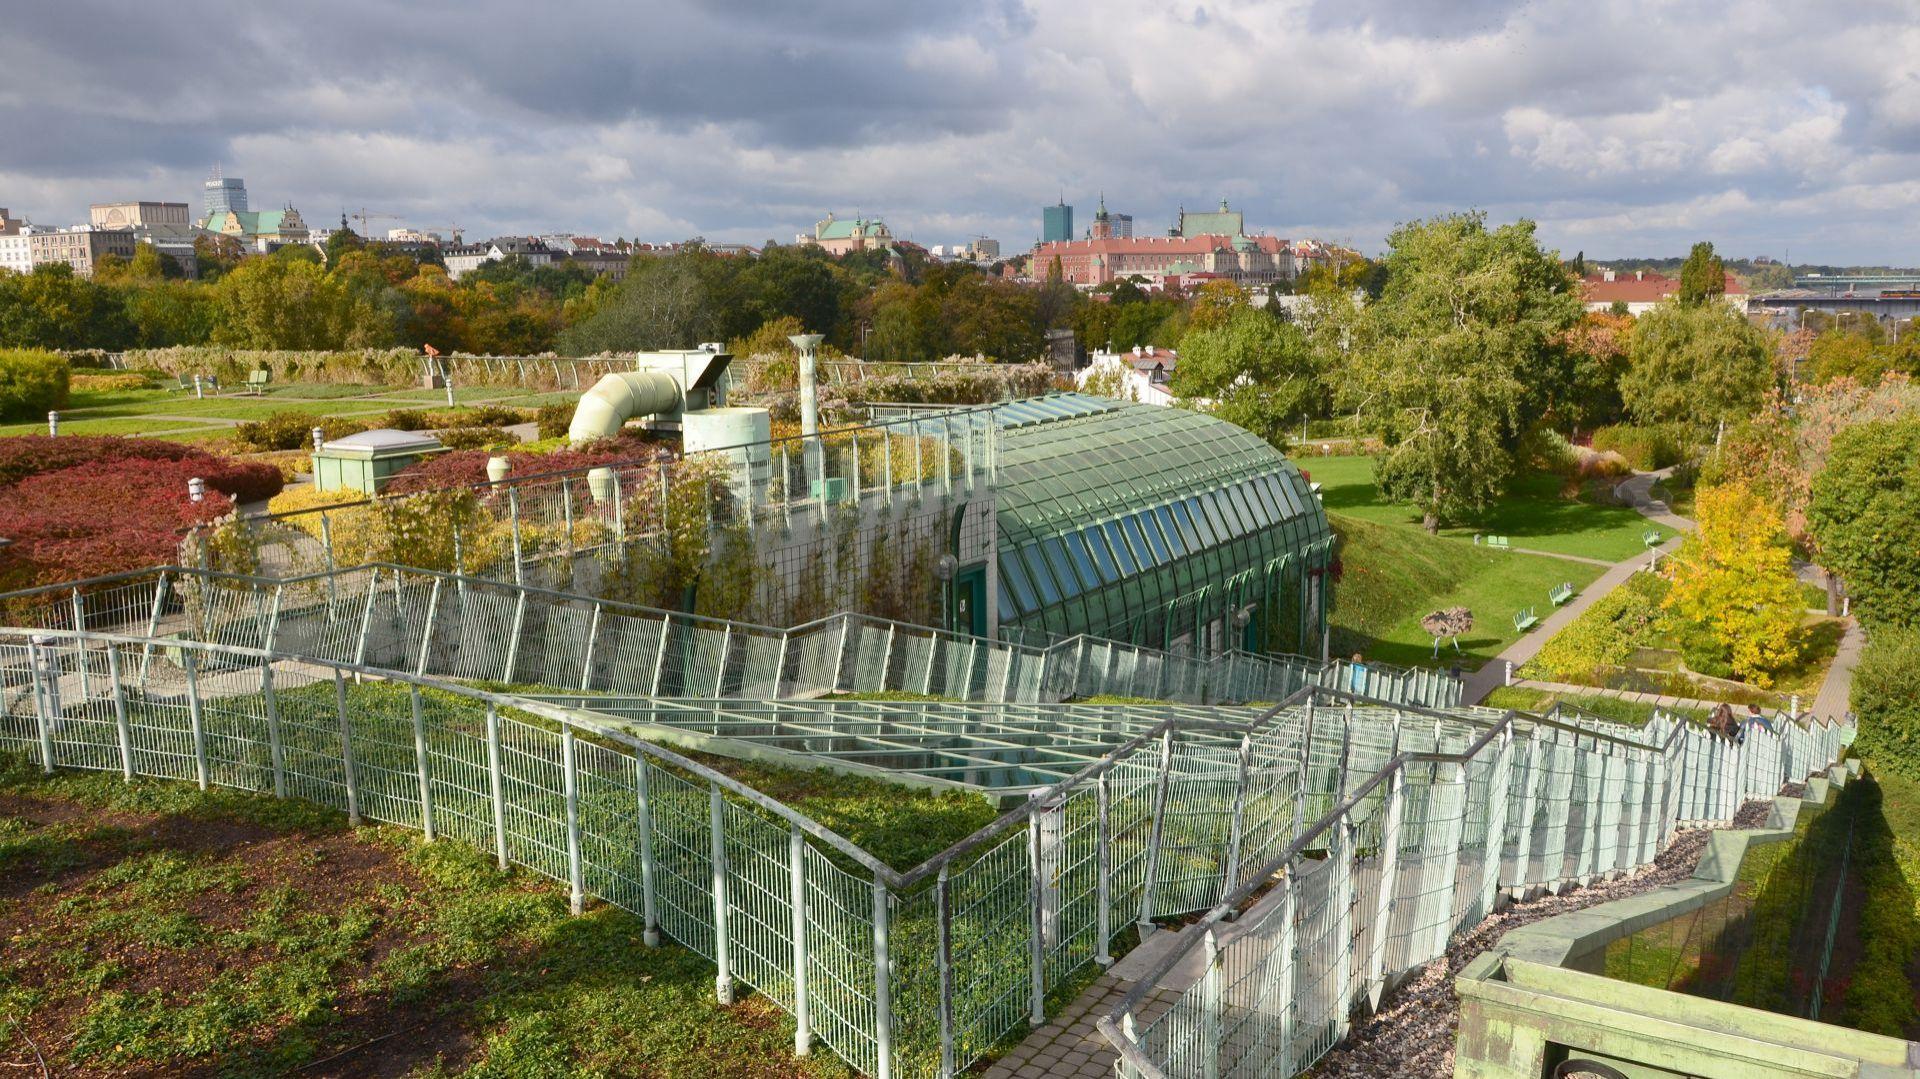 Ogród na dachu Biblioteki Uniwersyteckiej w Warszawie. Foto_ BUW3.JPG